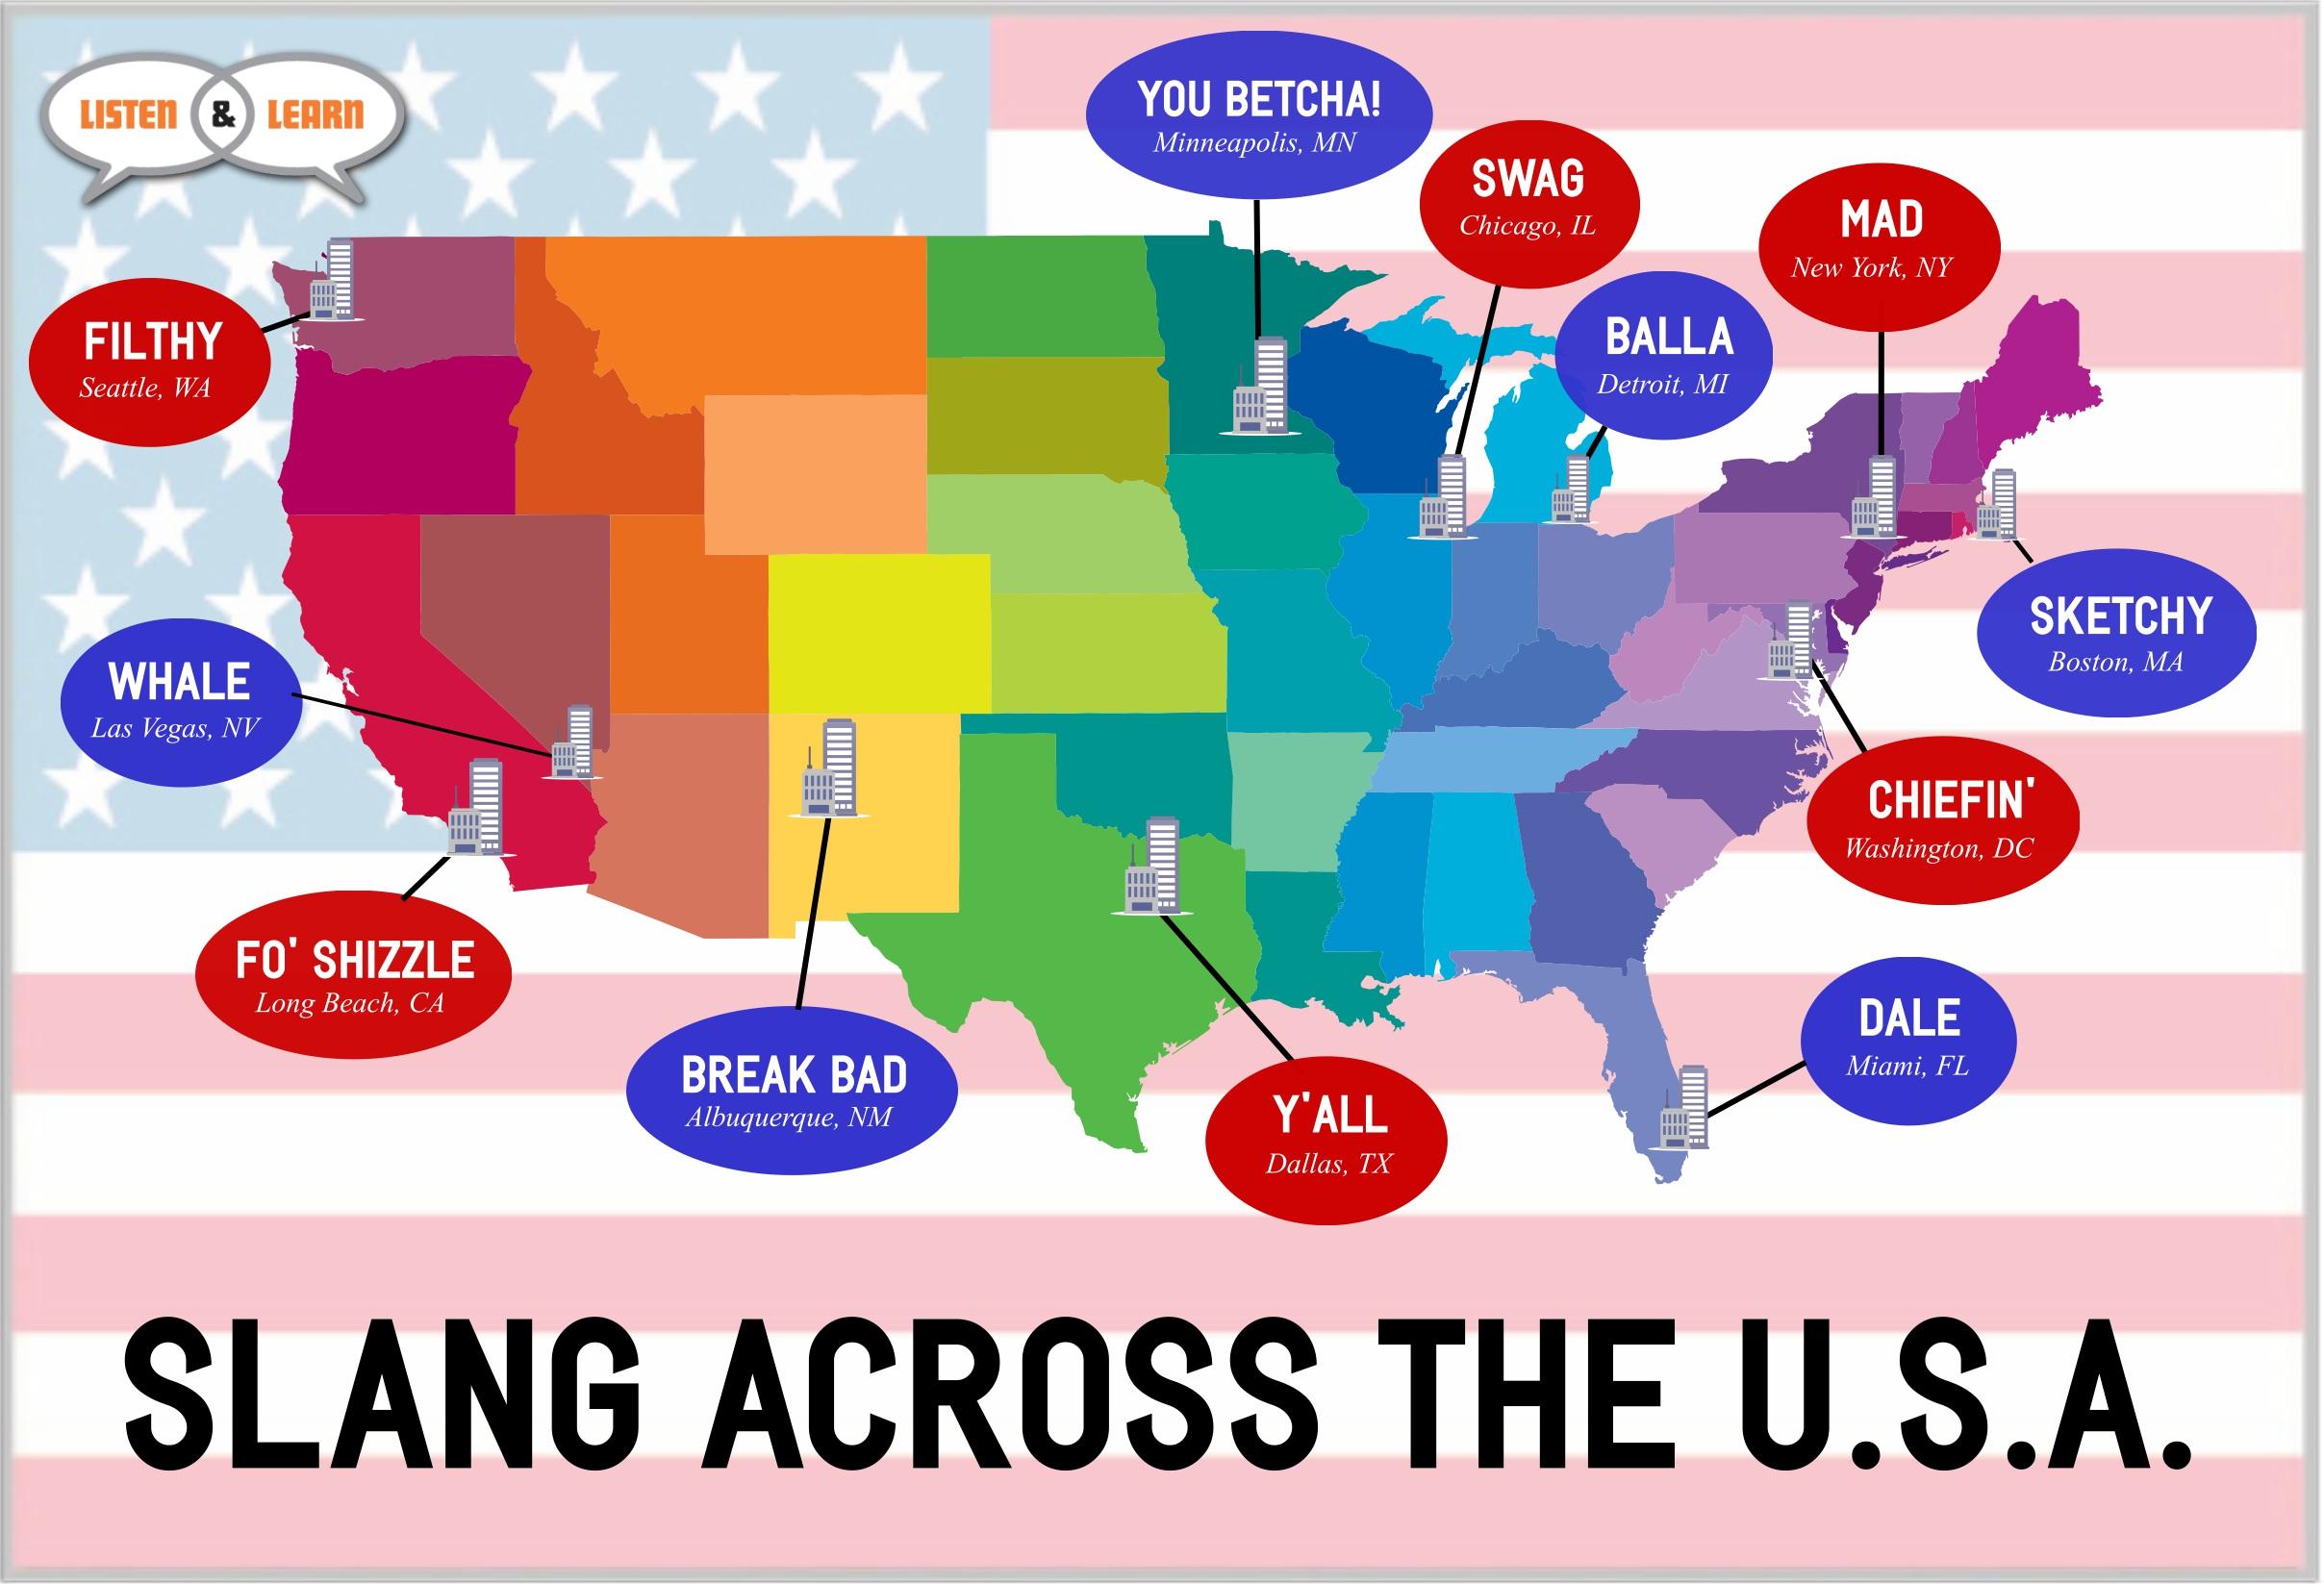 west coast colleges vs east coast colleges university primetime slangmap3